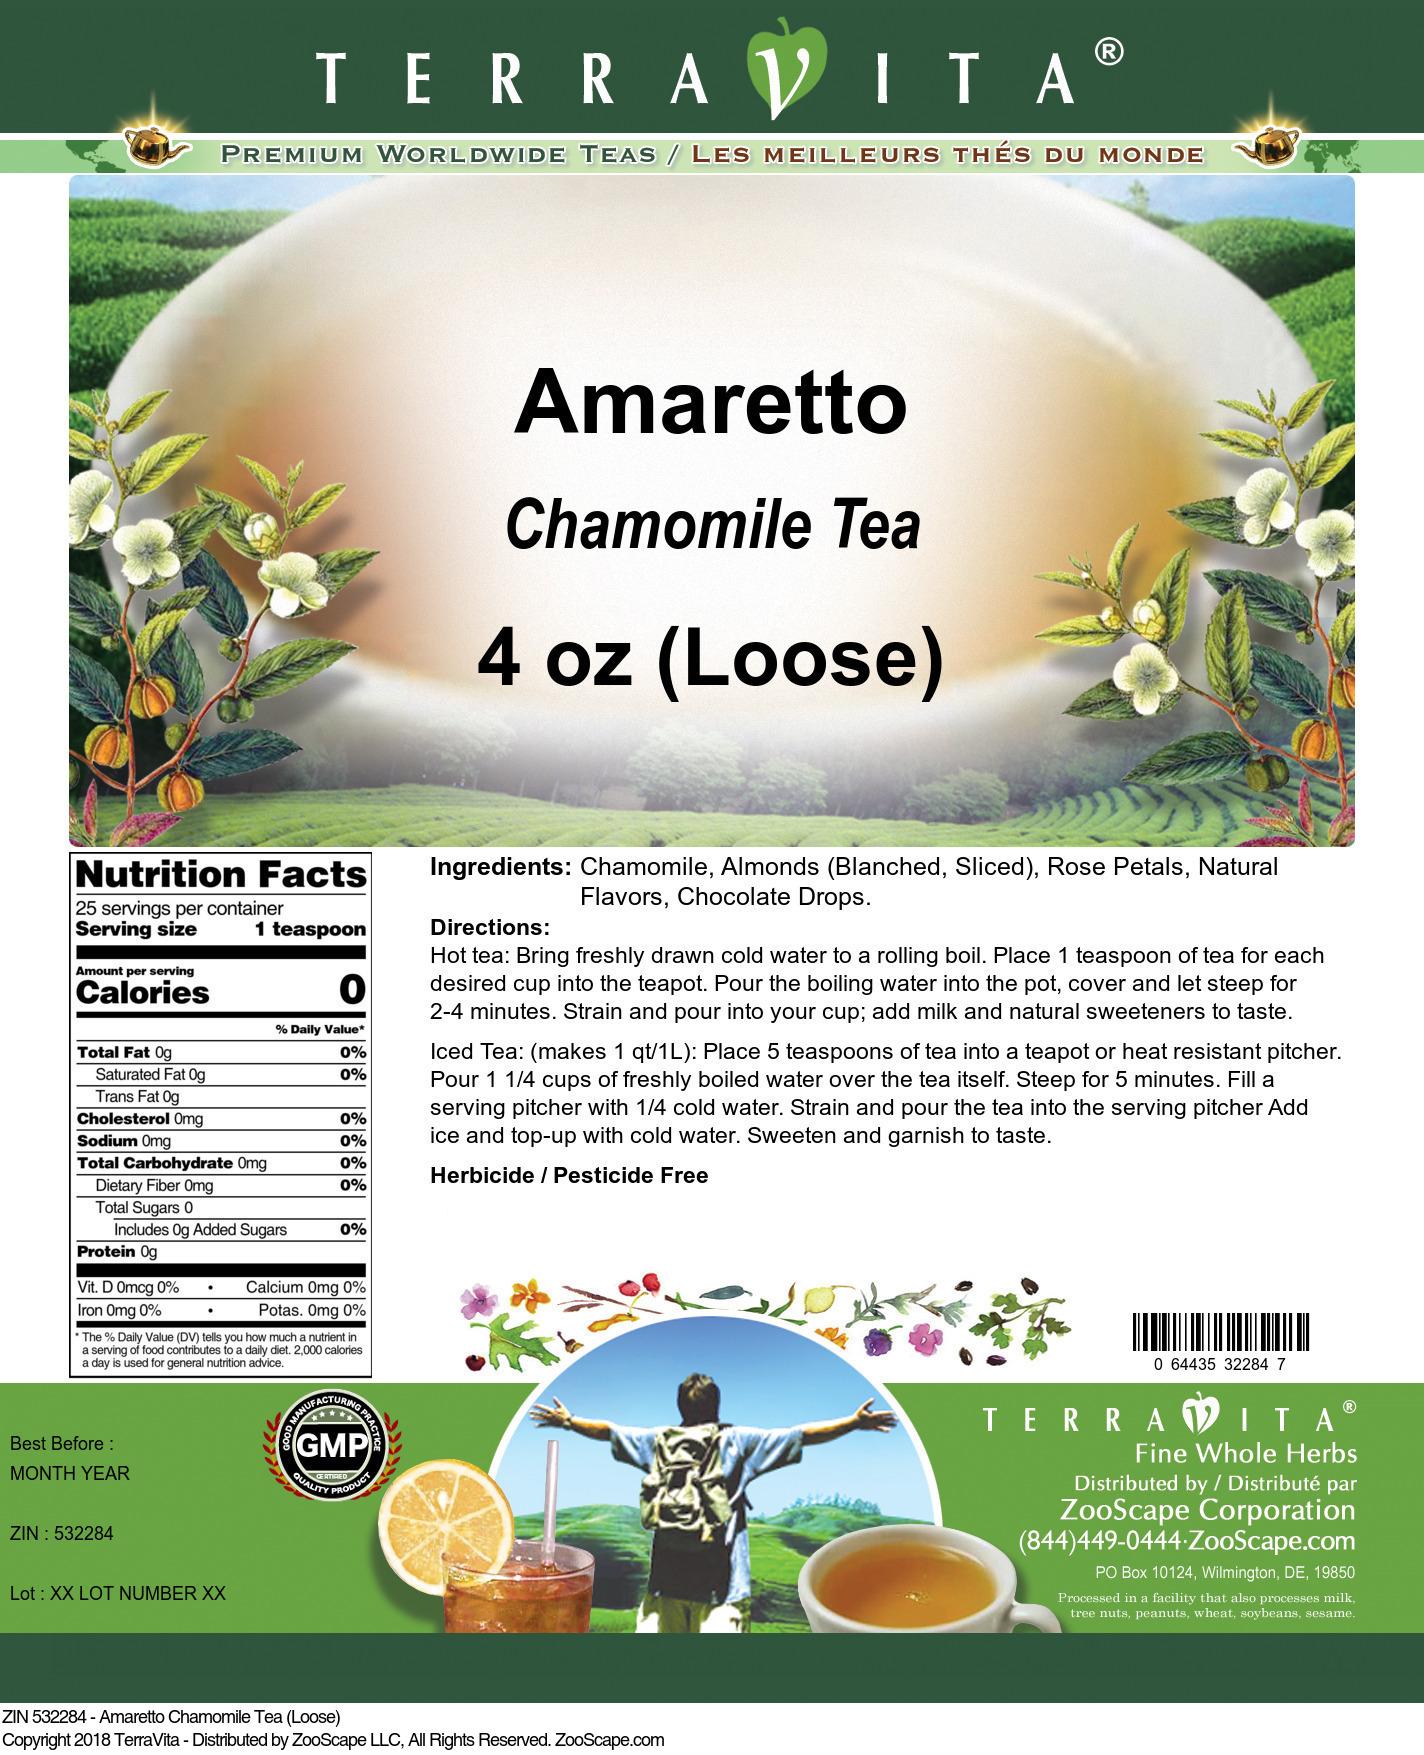 Amaretto Chamomile Tea